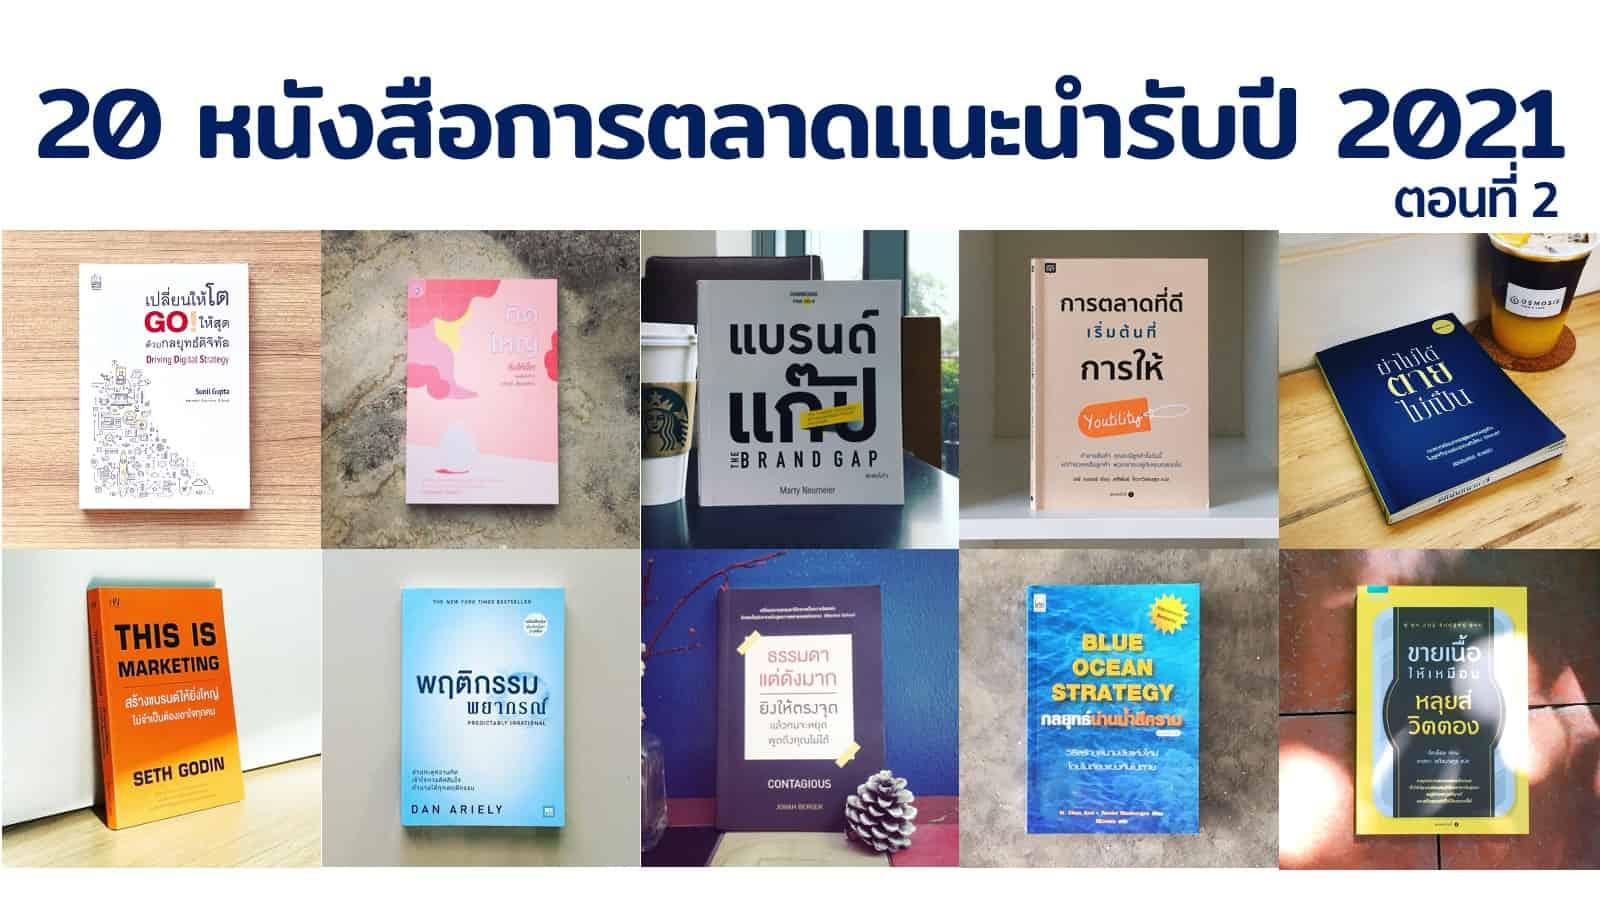 20 หนังสือการตลาดแนะนำรับปี 2021 ที่นักการตลาดต้องอ่าน และ SME ต้องรู้ ต่อ